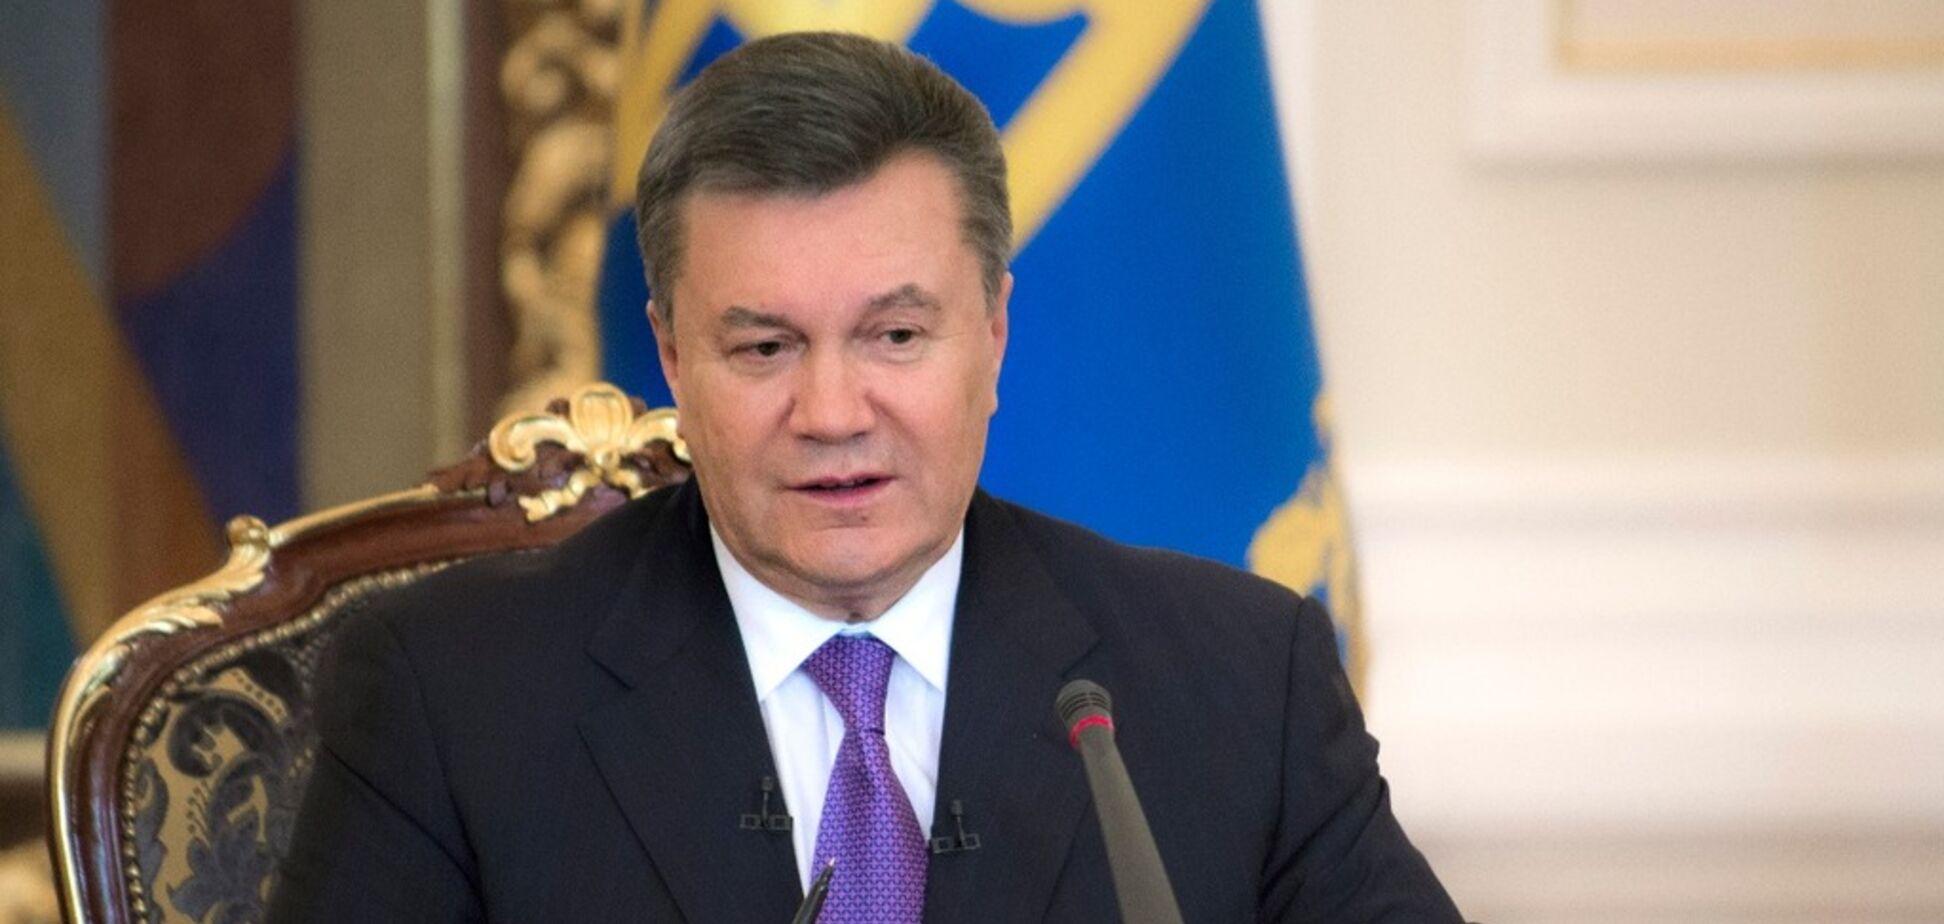 'ЄС втомився': у Януковича в захваті через зняття санкцій